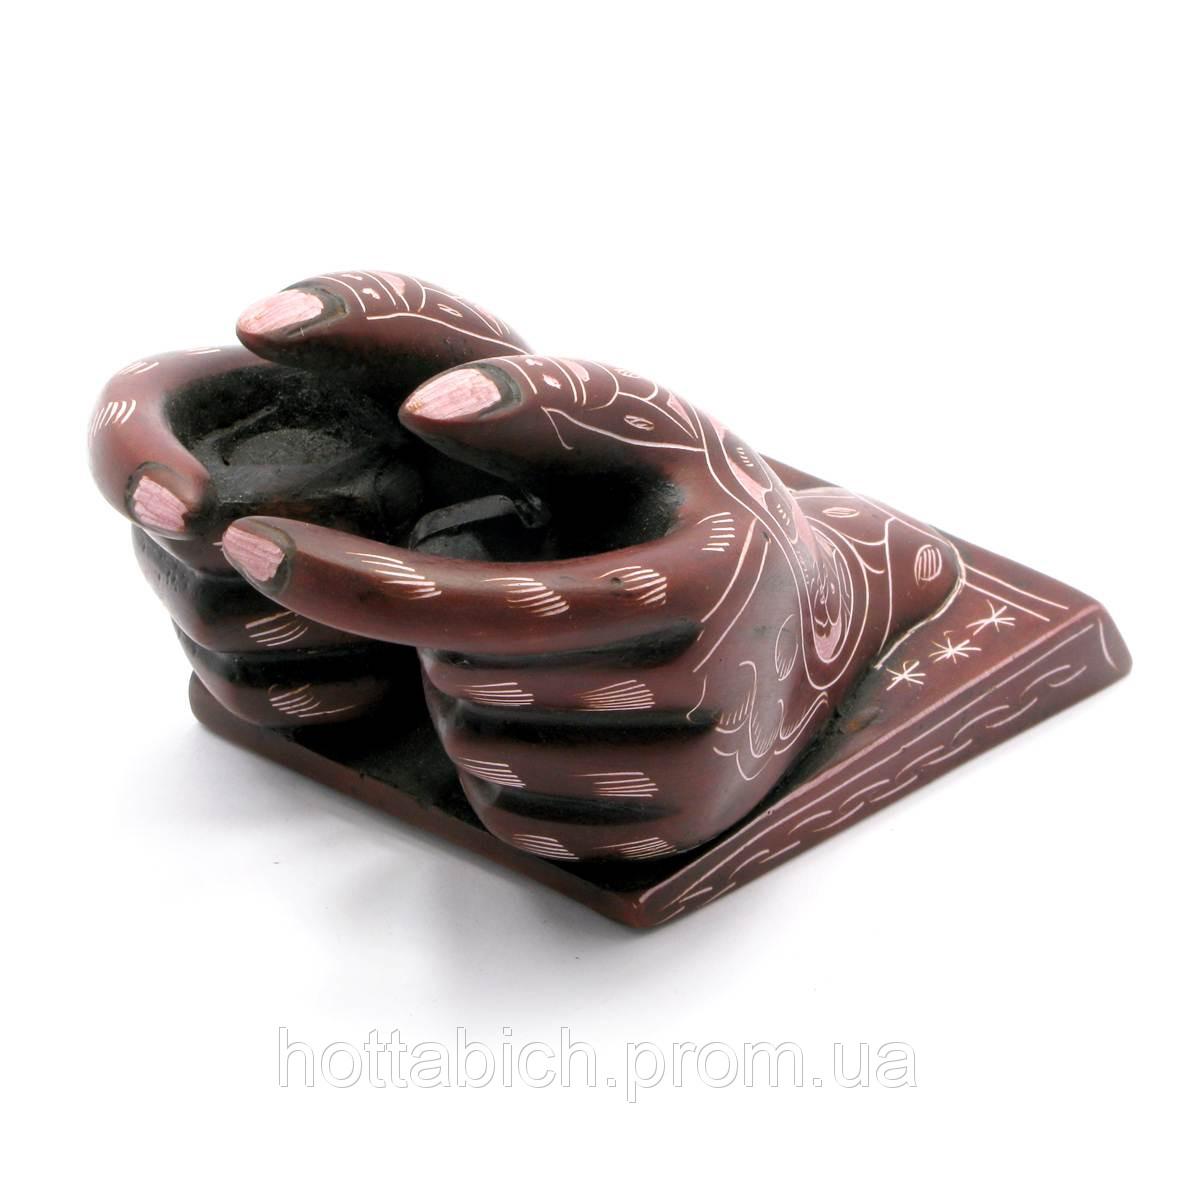 Подставка под визитки настольная Руки